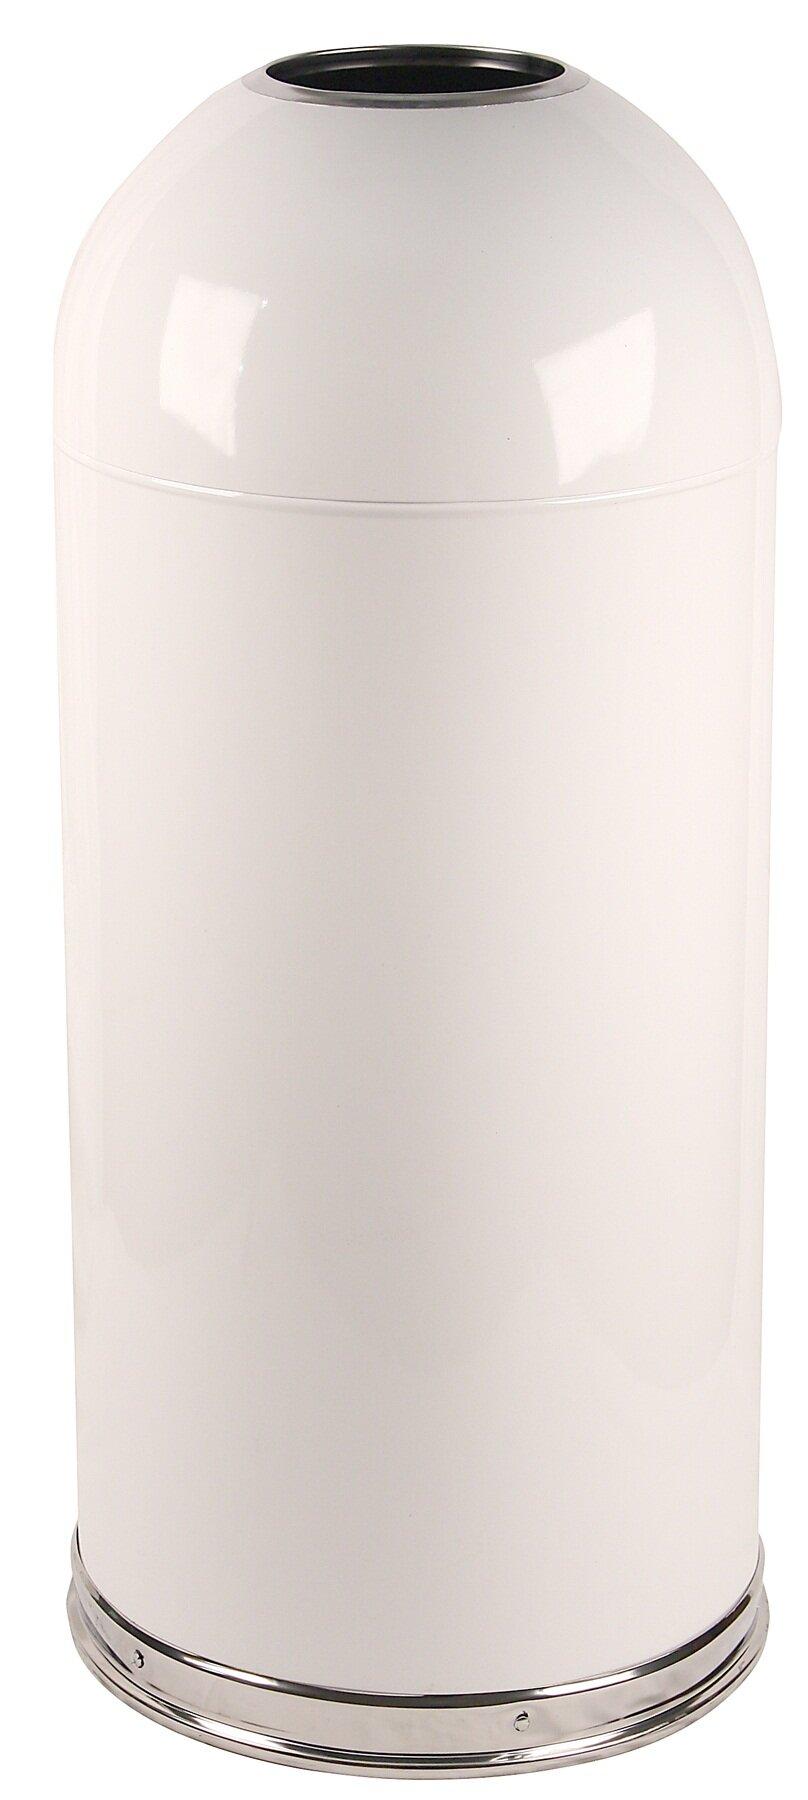 Witt 15 galones basura de basura galones a95757